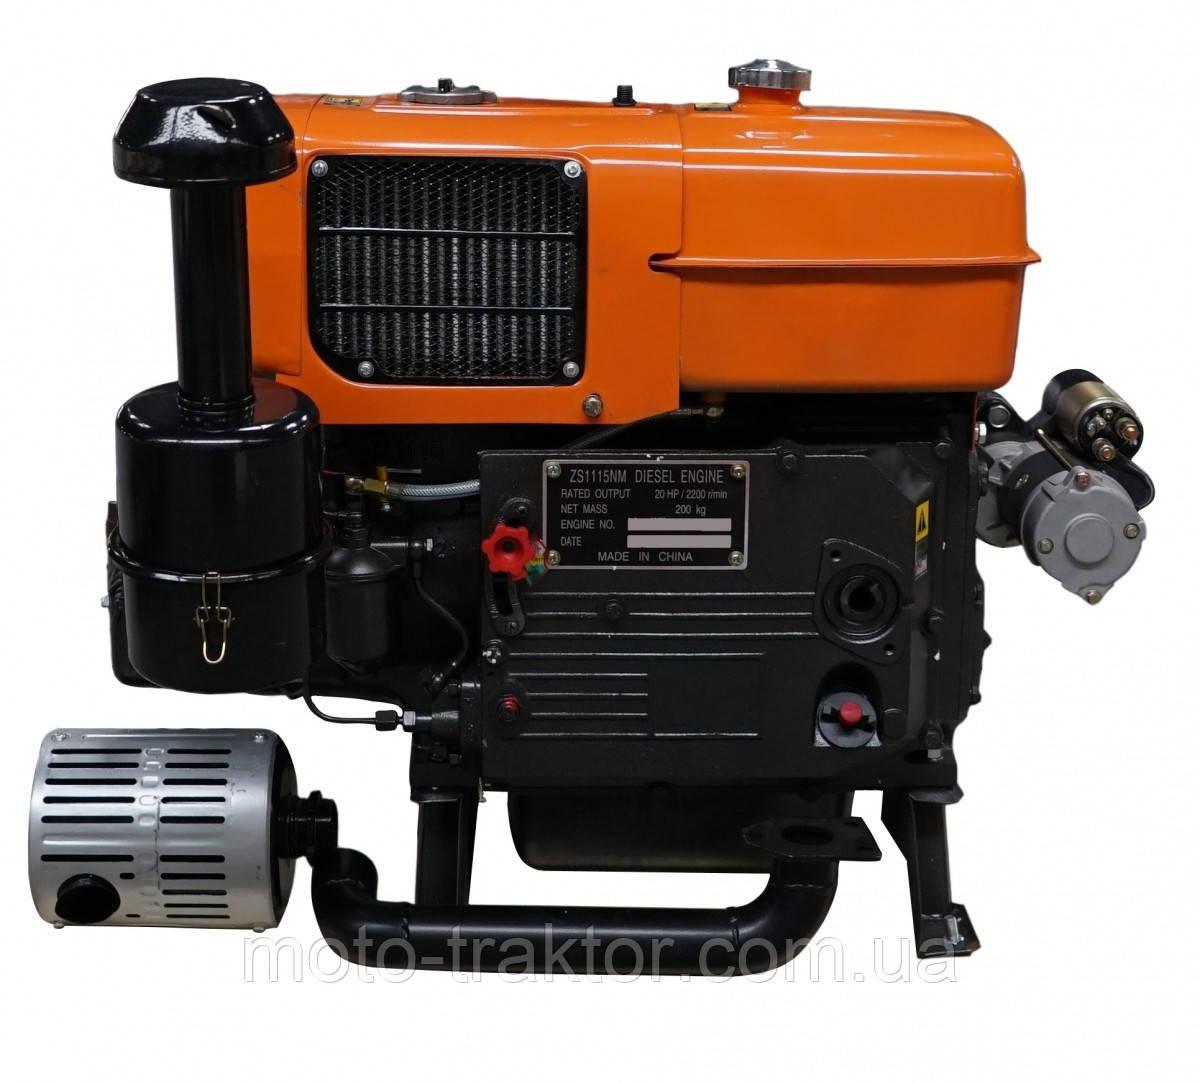 Двигатель Файтер ZS1115E 20 л.с. с электростартером